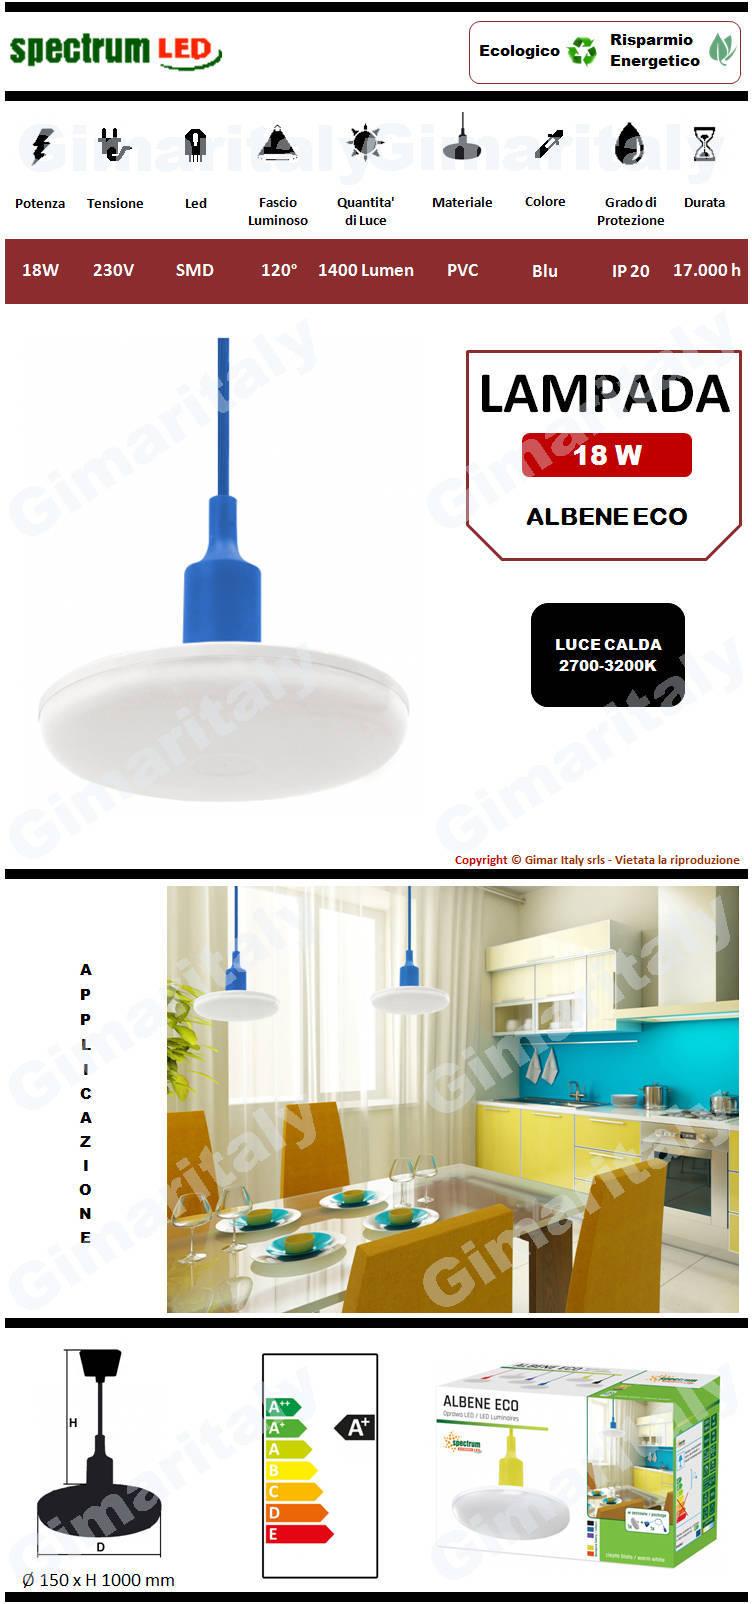 Lampadario Sospensione Led 18W Blu luce calda Spectrum